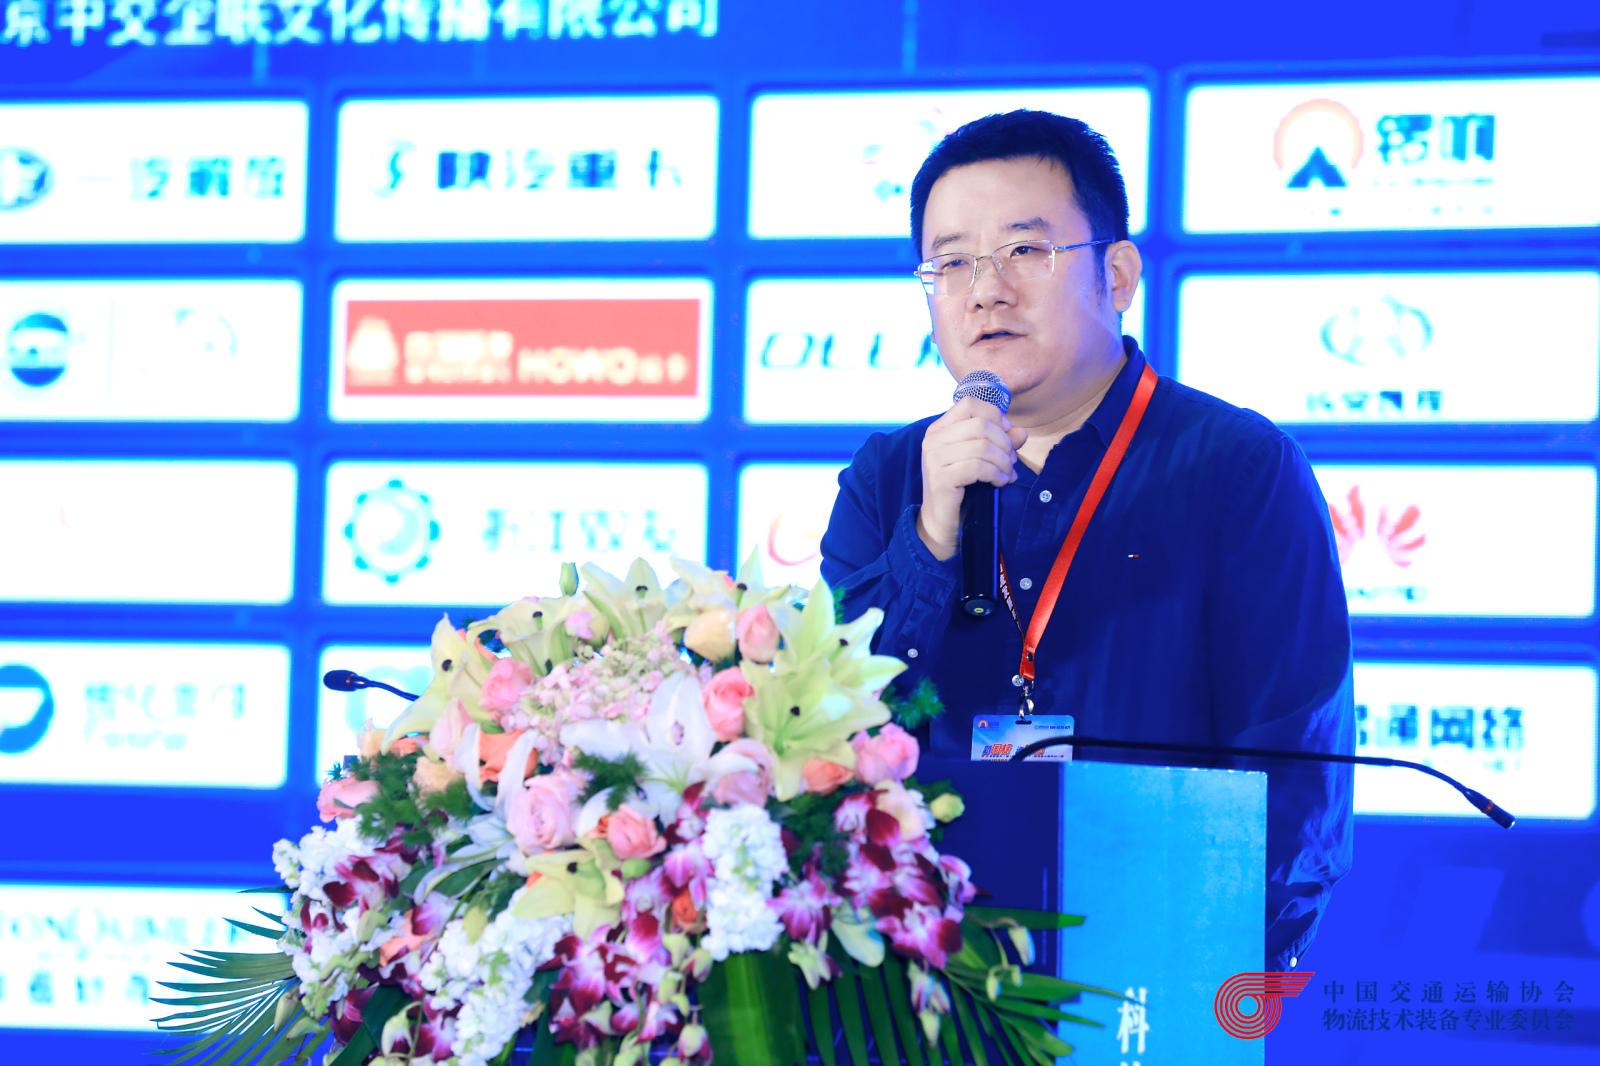 中国移动通信集团终端有限公司采供部副总经理李伟